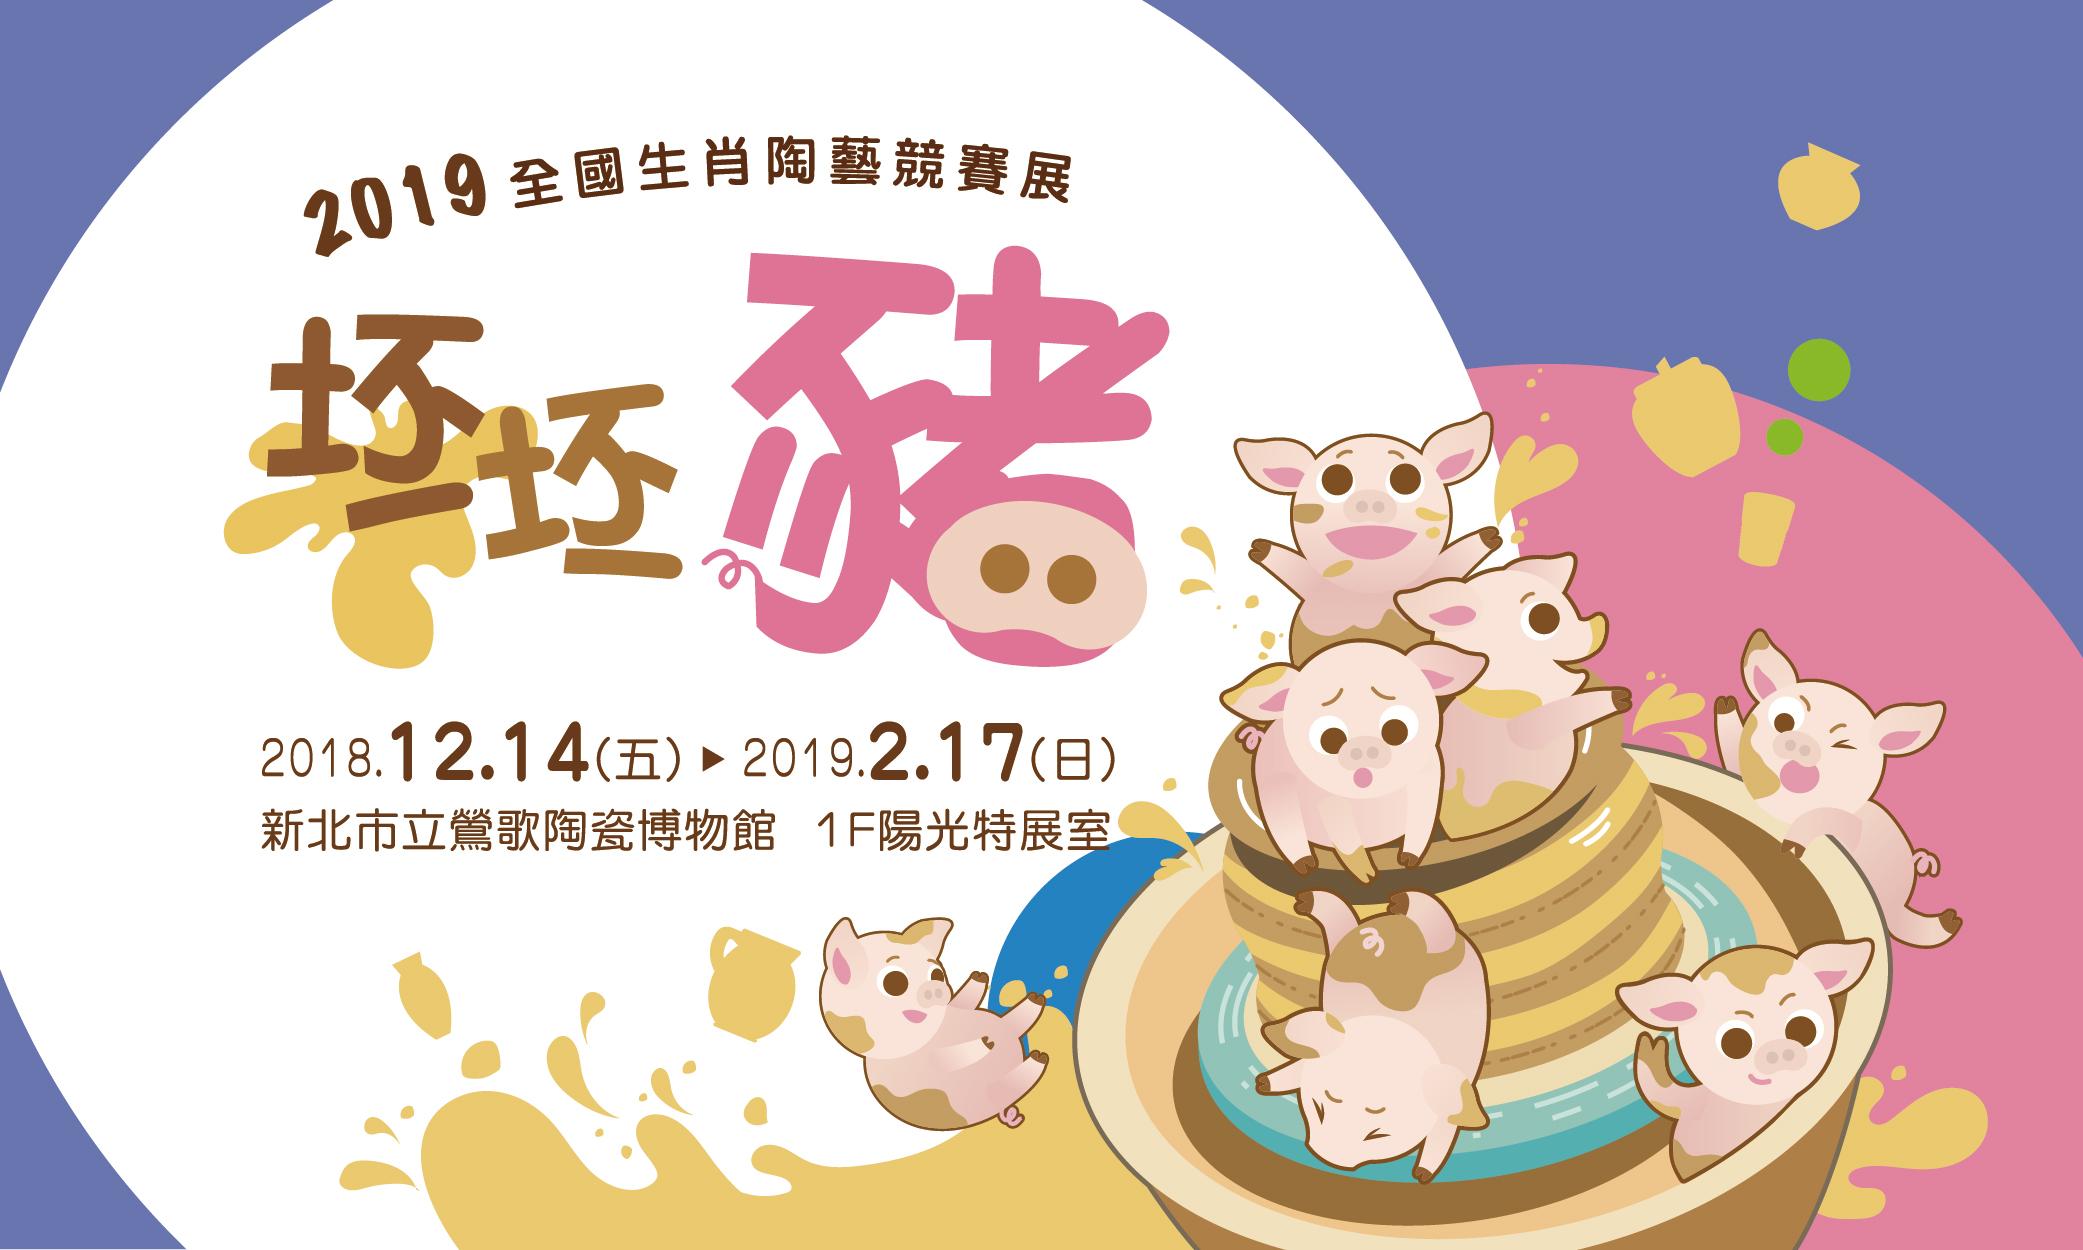 坯坯豬─2019全國生肖陶藝競賽展